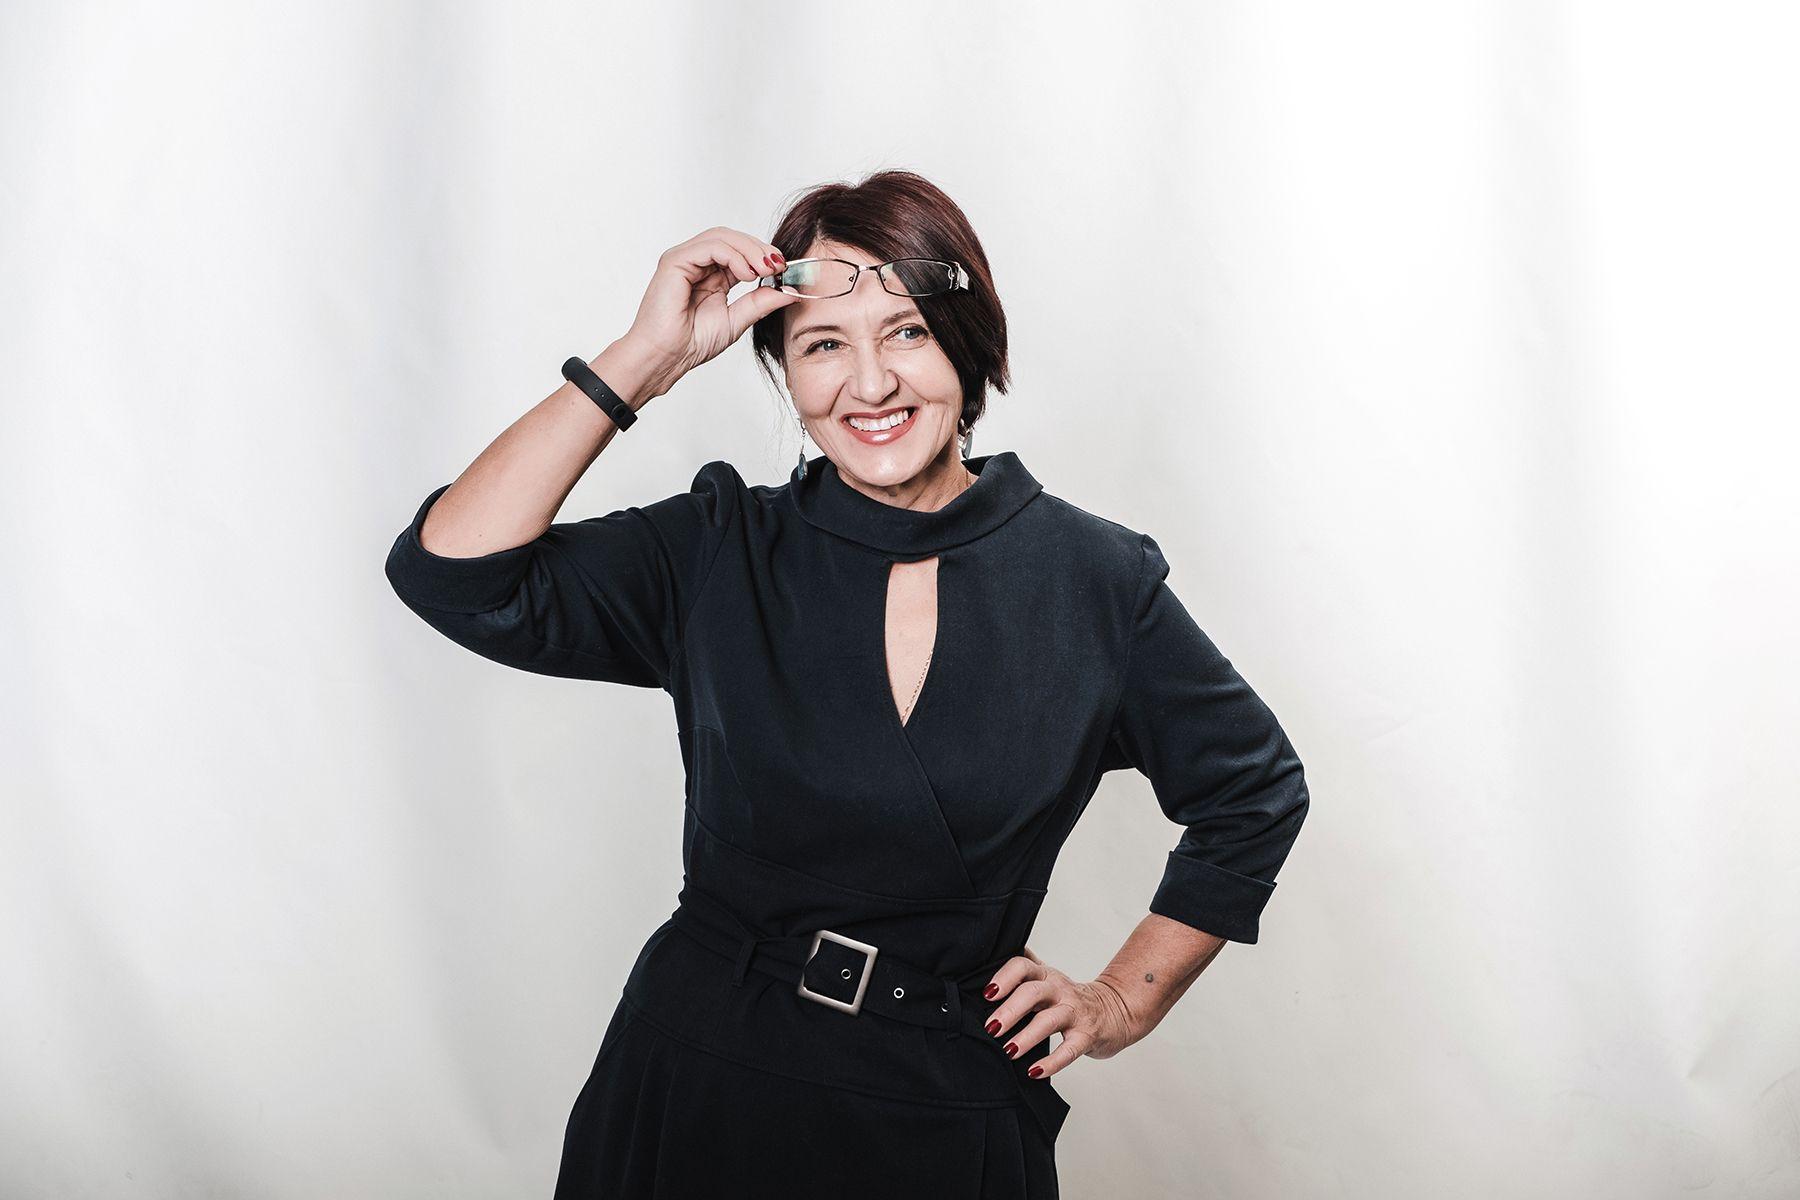 Профессор ВГУЭС Валентина Чернявская — лауреат Национального конкурса «Золотая Психея»